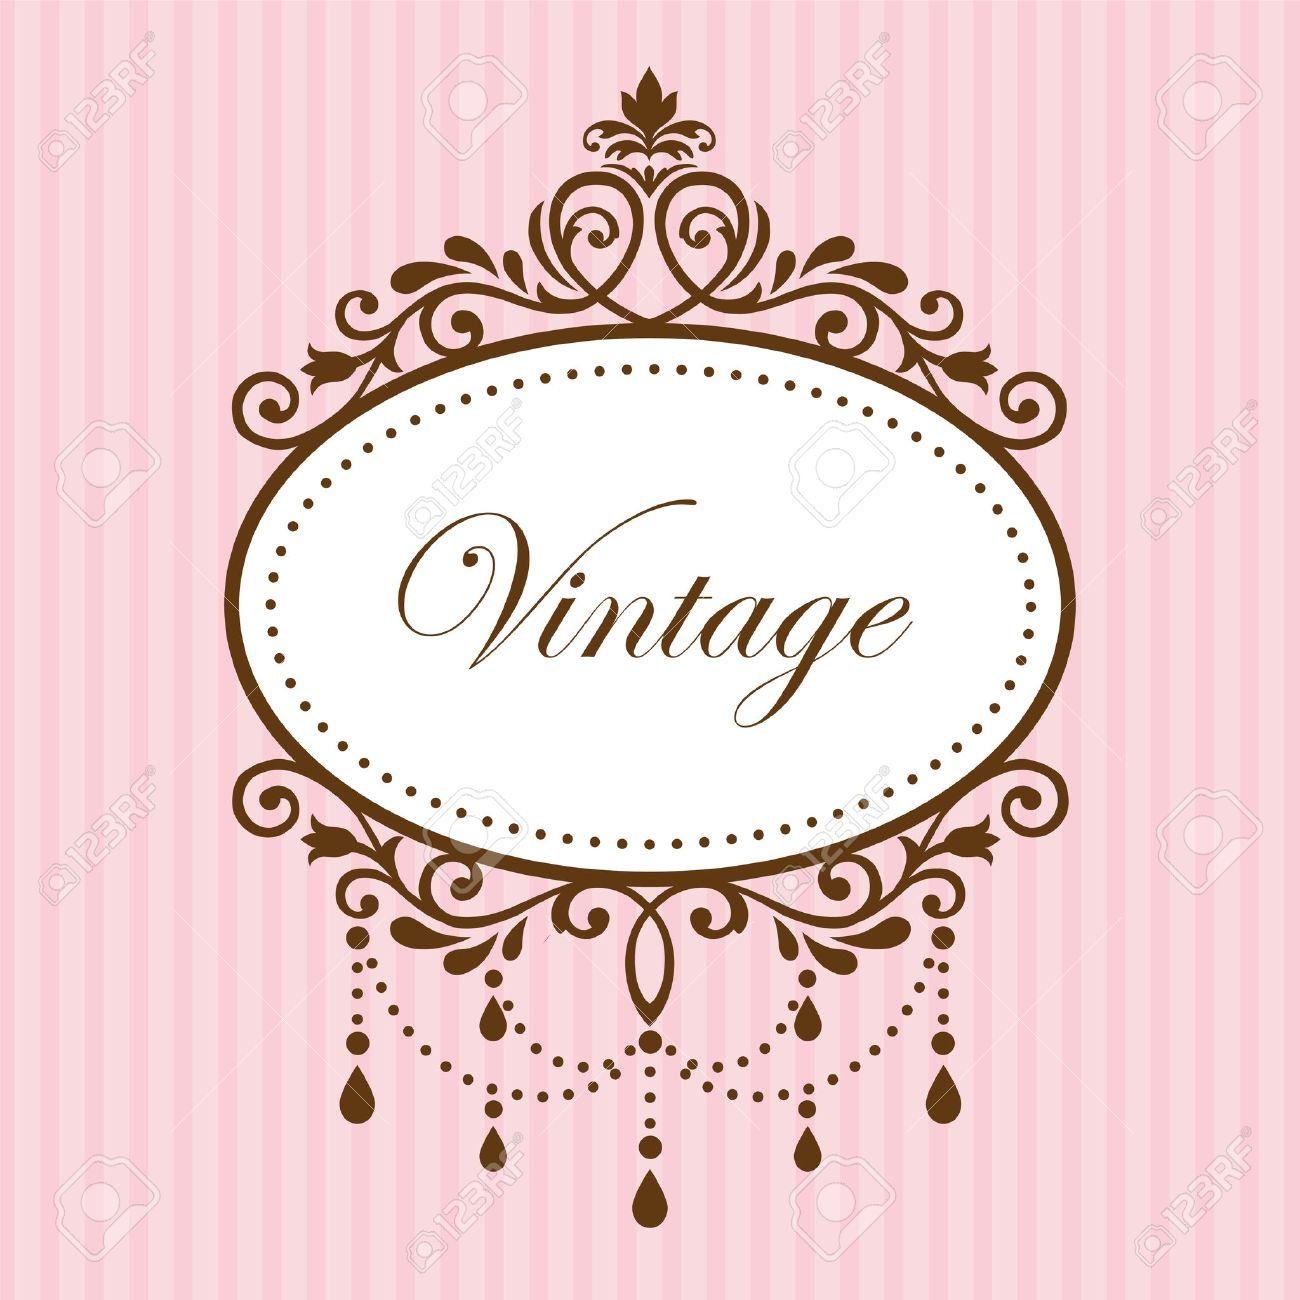 chandelier vintage frame on pink background stock vector 43451558 background pink chandelier